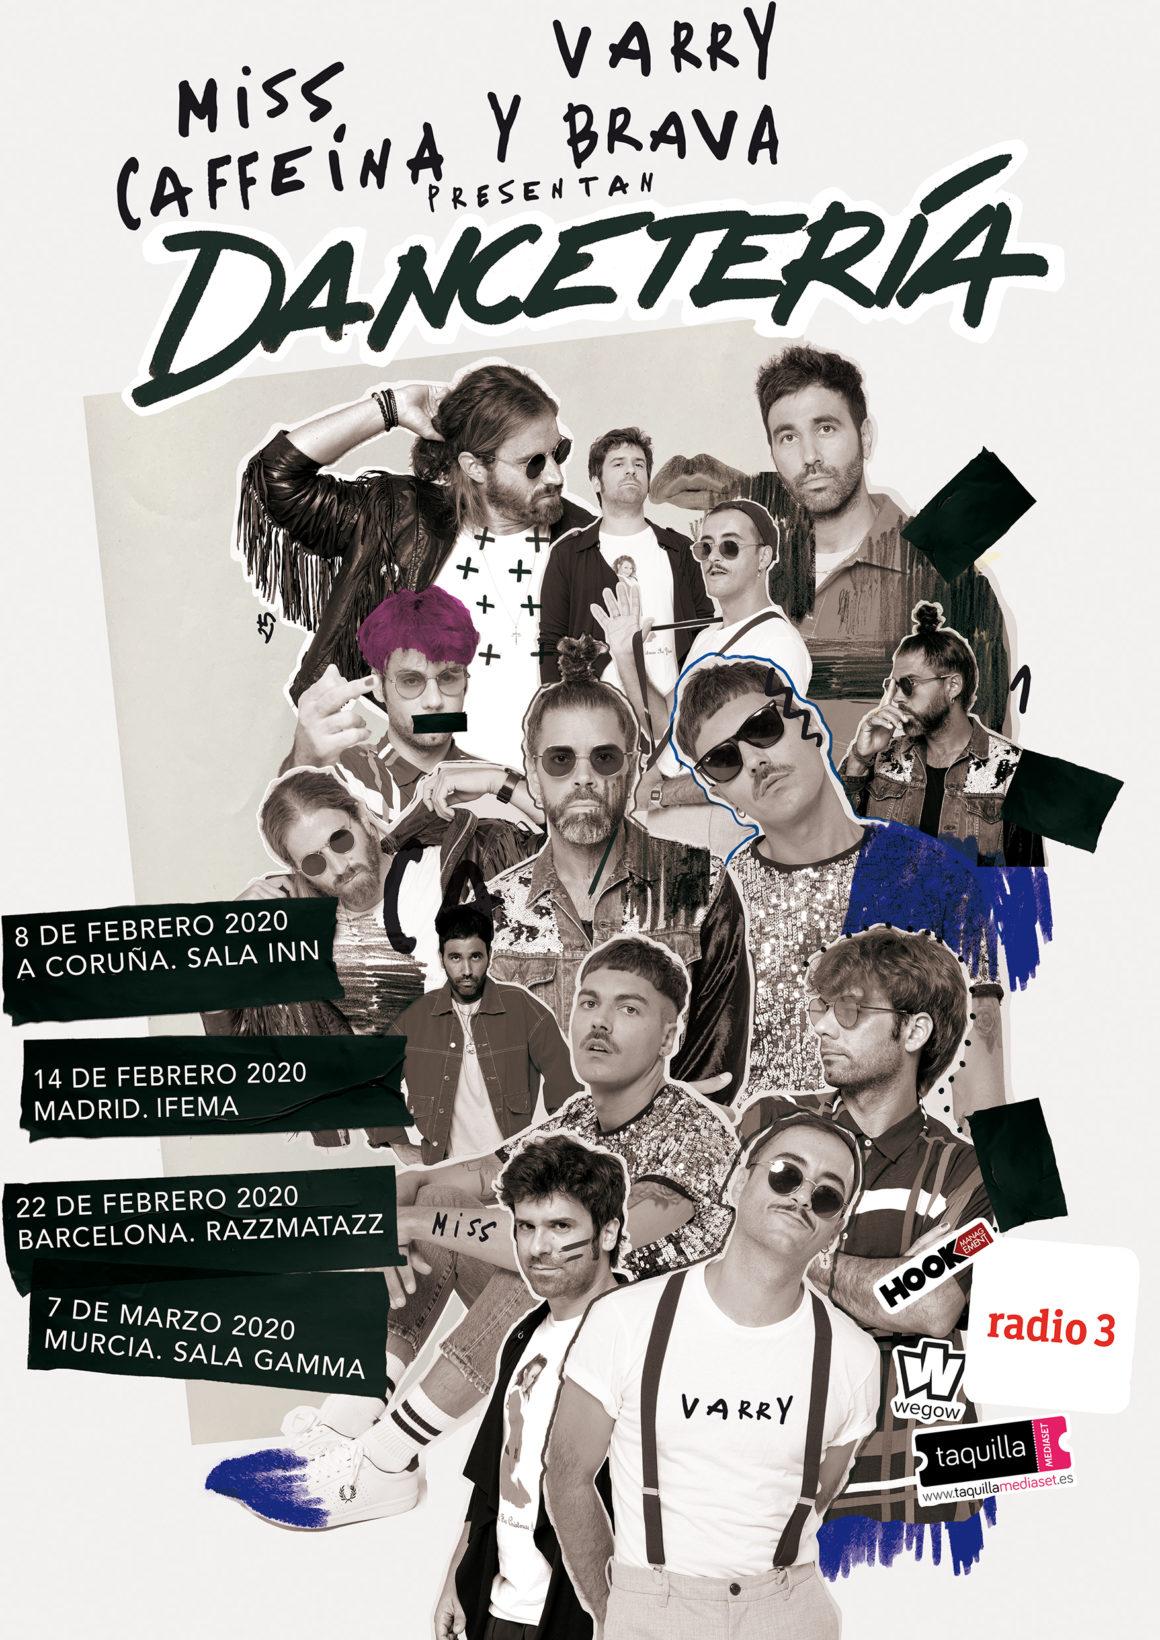 MISS CAFFEINA y VARRY BRAVA presentan «DANCETERÍA» en A Coruña, una gira única y conjunta